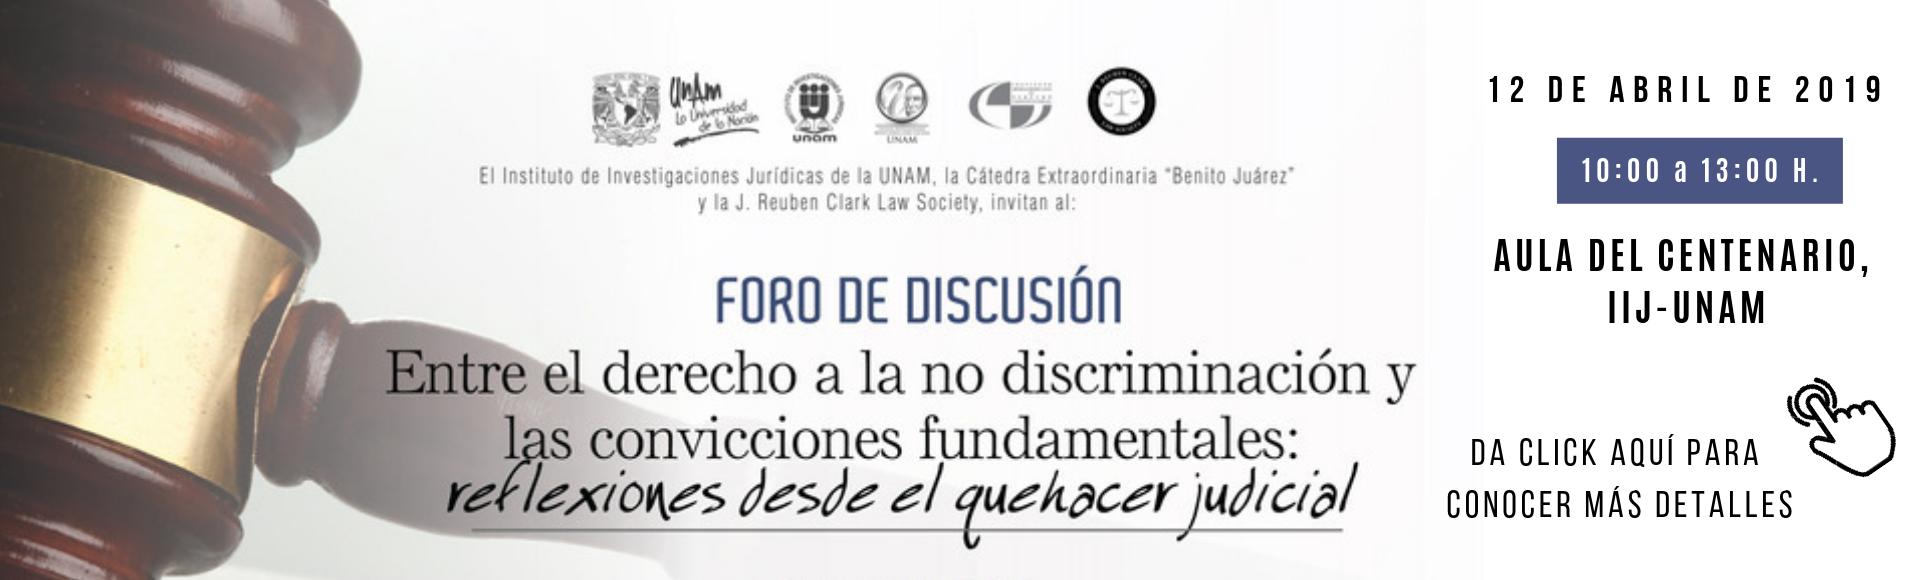 Entre el derecho a la no discriminación y las convicciones fundamentales: reflexiones desde el quehacer judicial